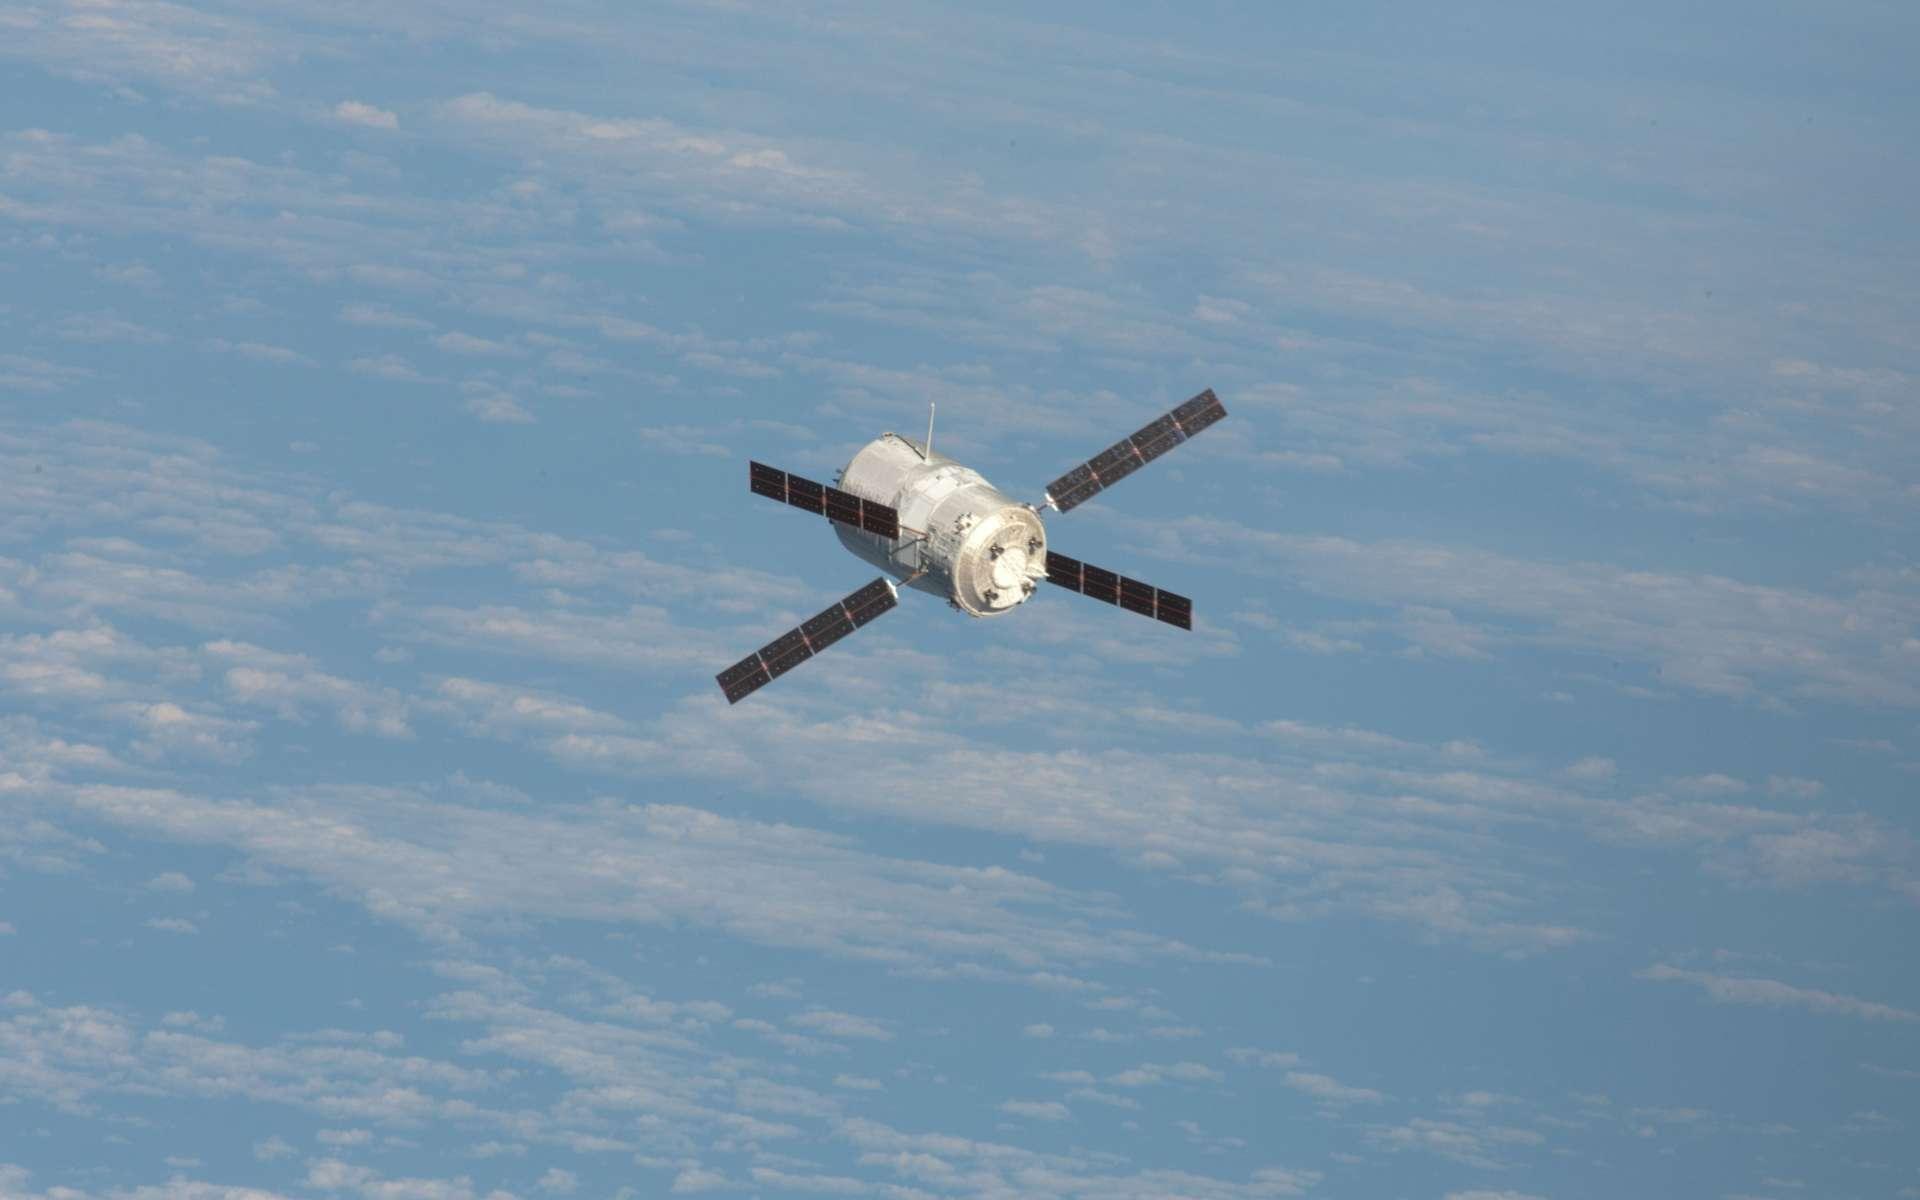 Cette image montre l'ATV-3 Edoardo Amaldi quelques heures avant son amarrage à la Station spatiale internationale. Six mois après cette manœuvre, il s'apprête à faire le chemin inverse et à plonger dans l'atmosphère terrestre pour s'y détruire. © Nasa